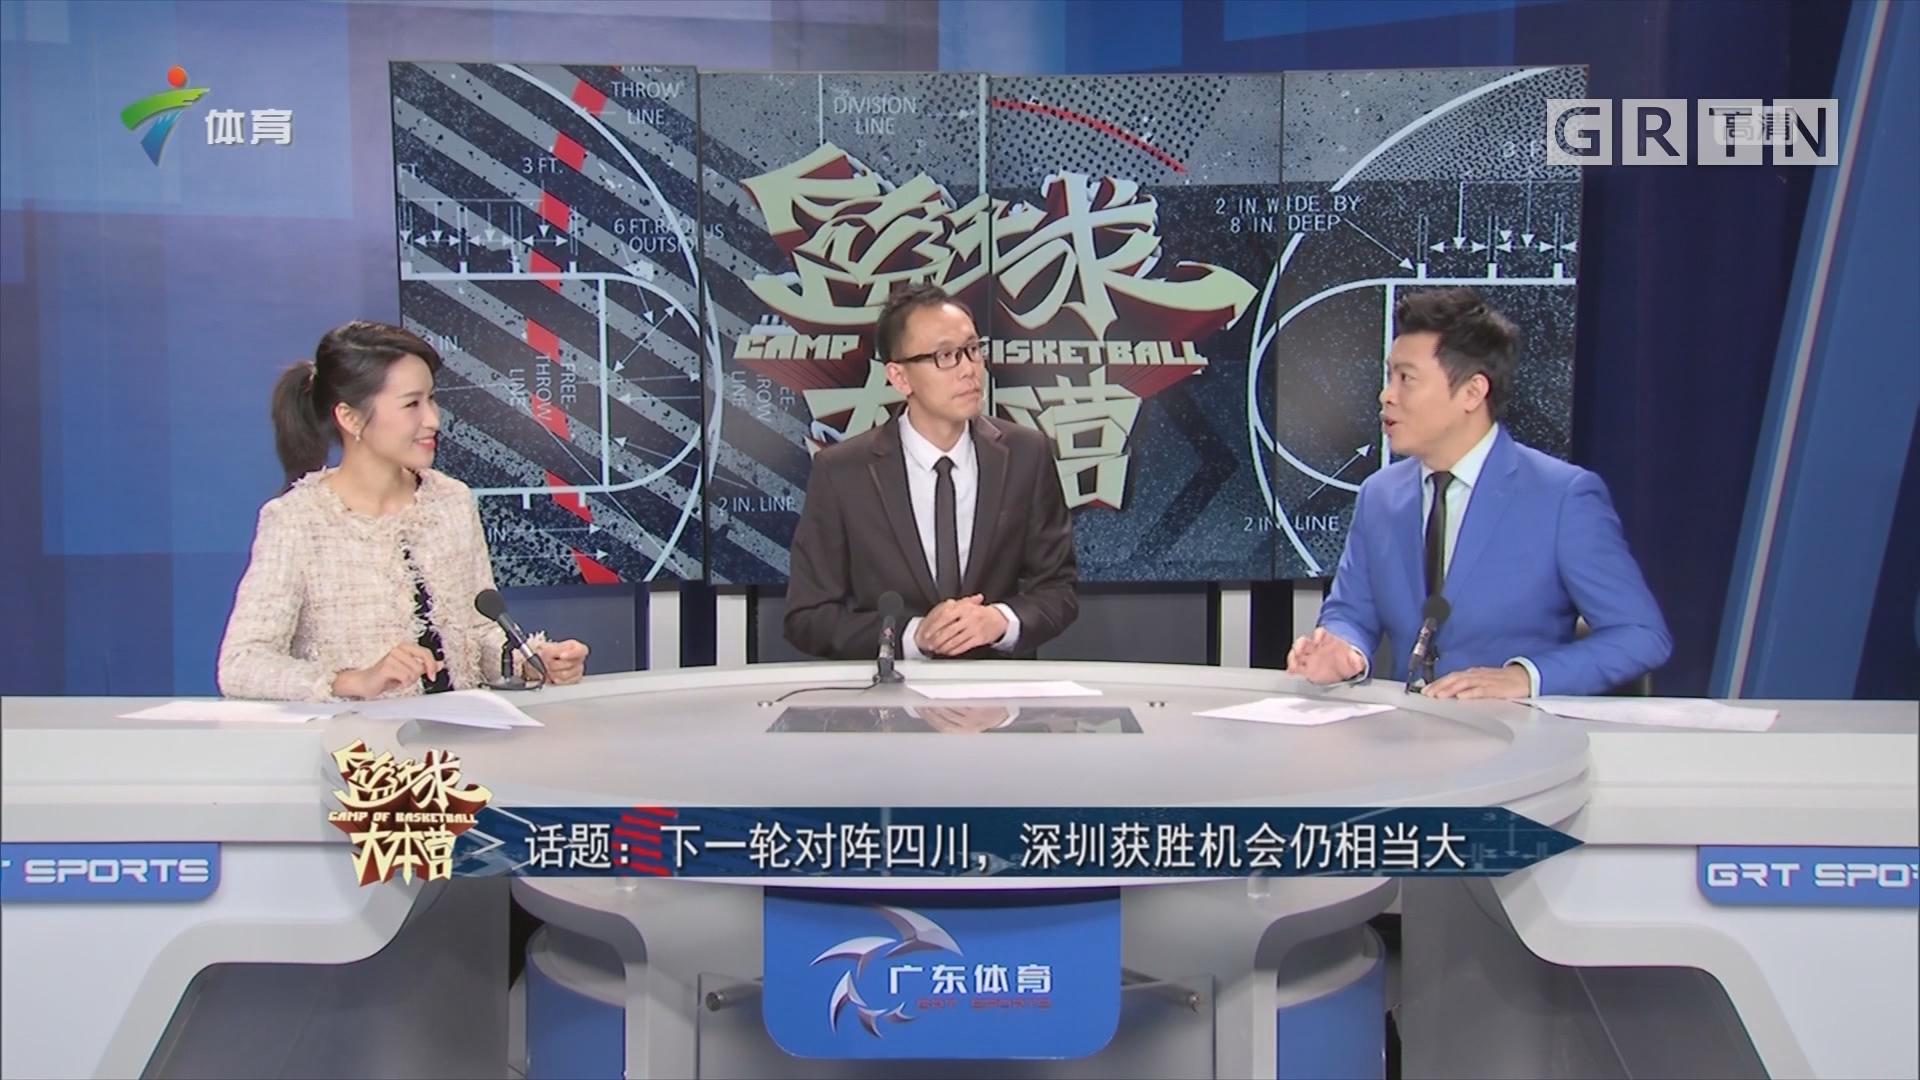 话题:下一轮对阵四川,深圳获胜机会仍相当大